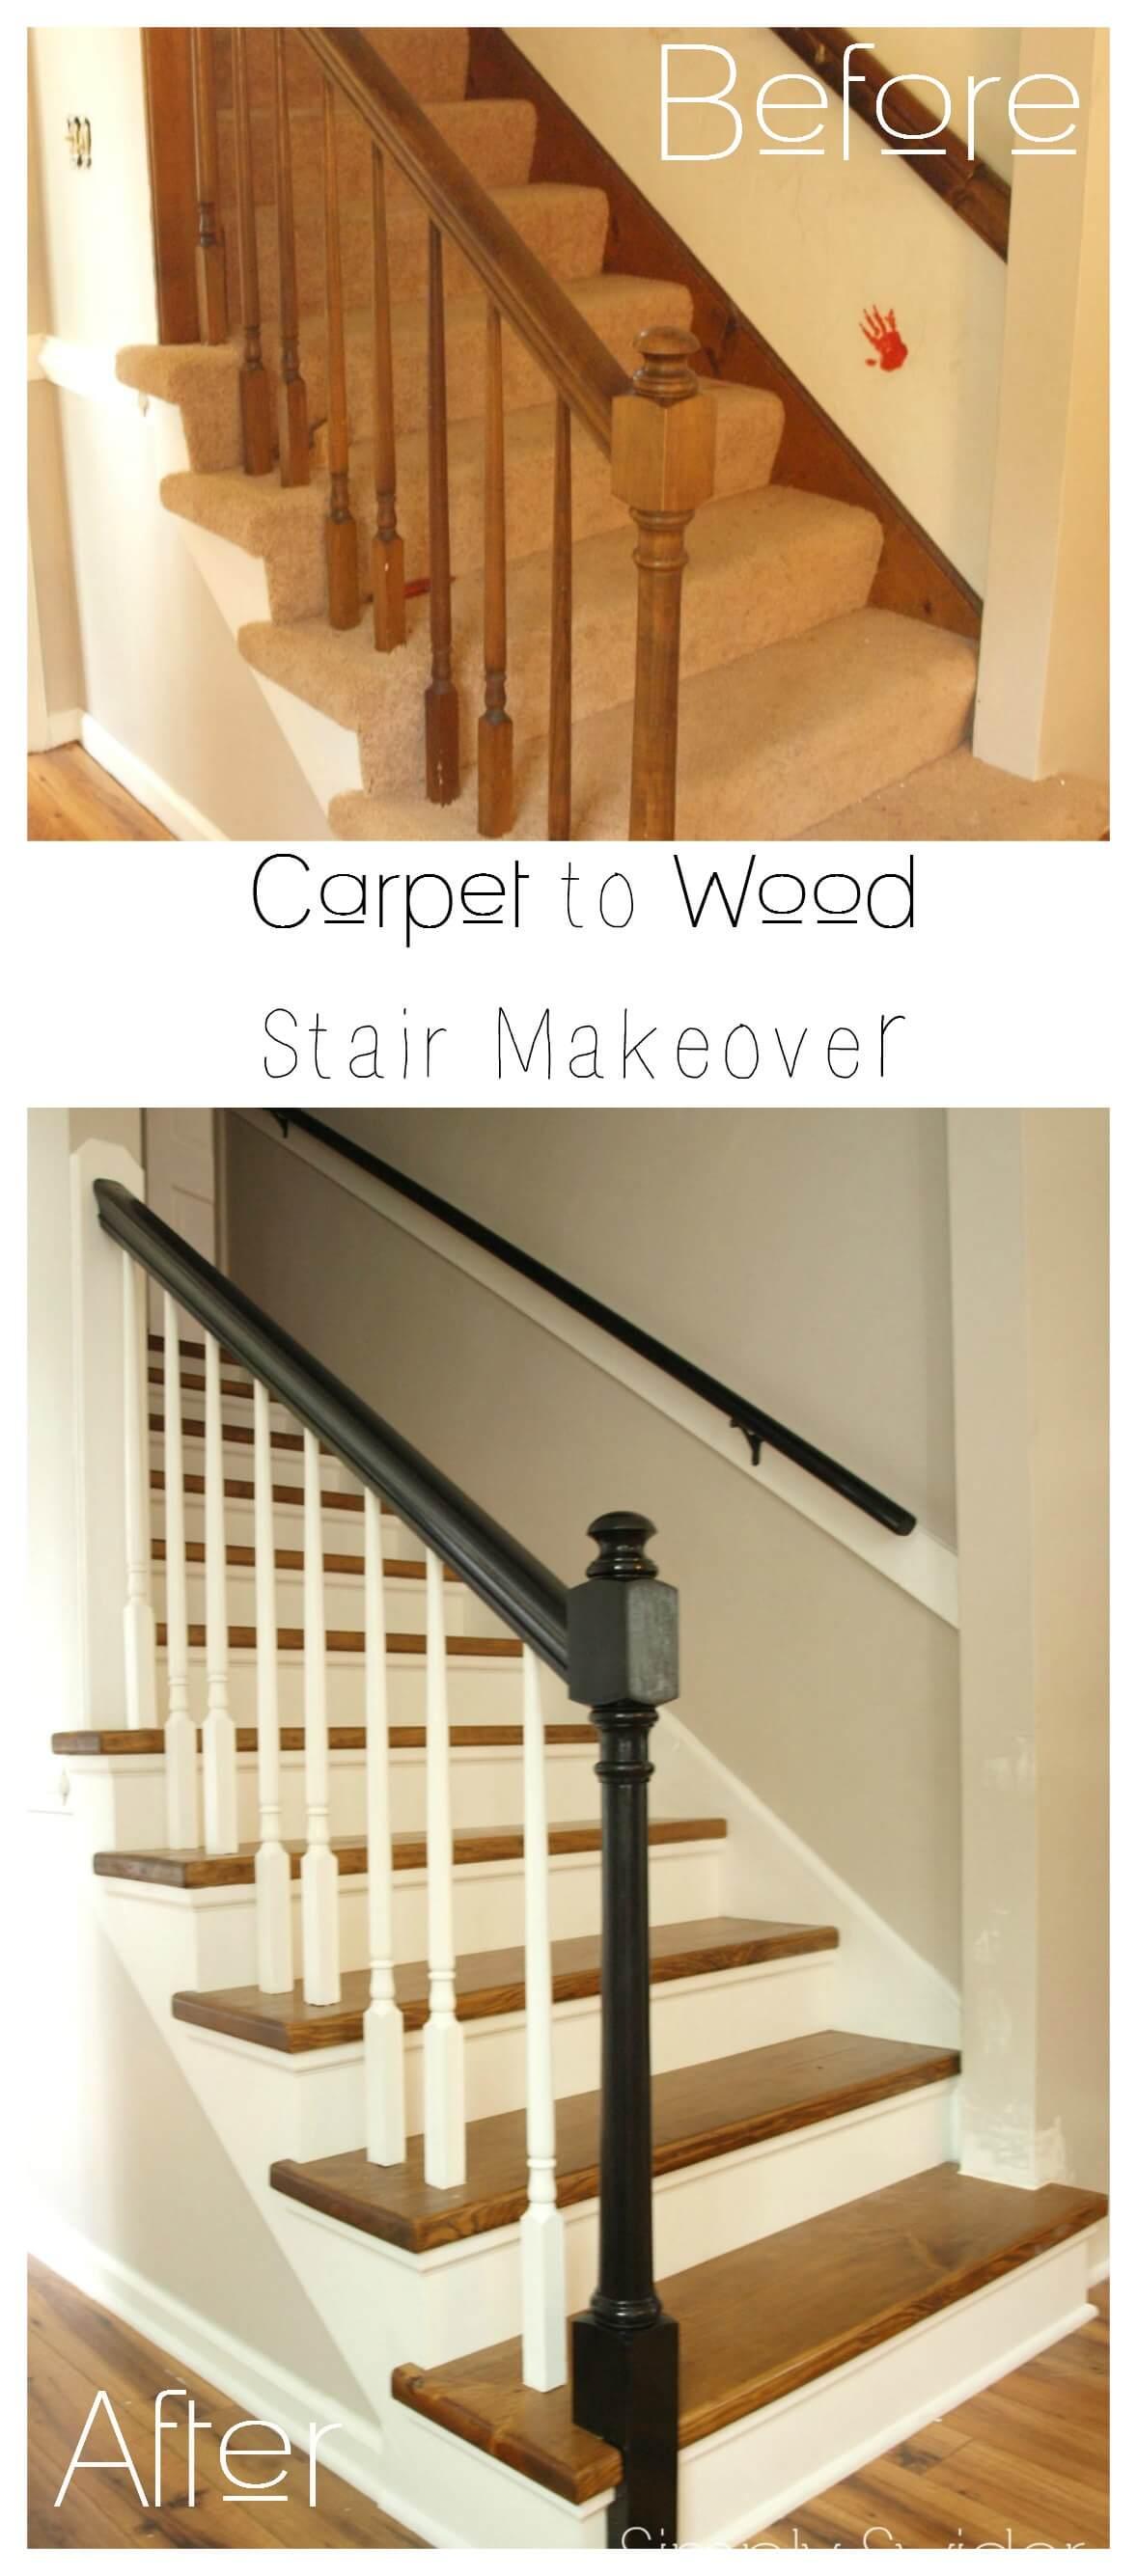 Top 5 Stair Remodel Ideas